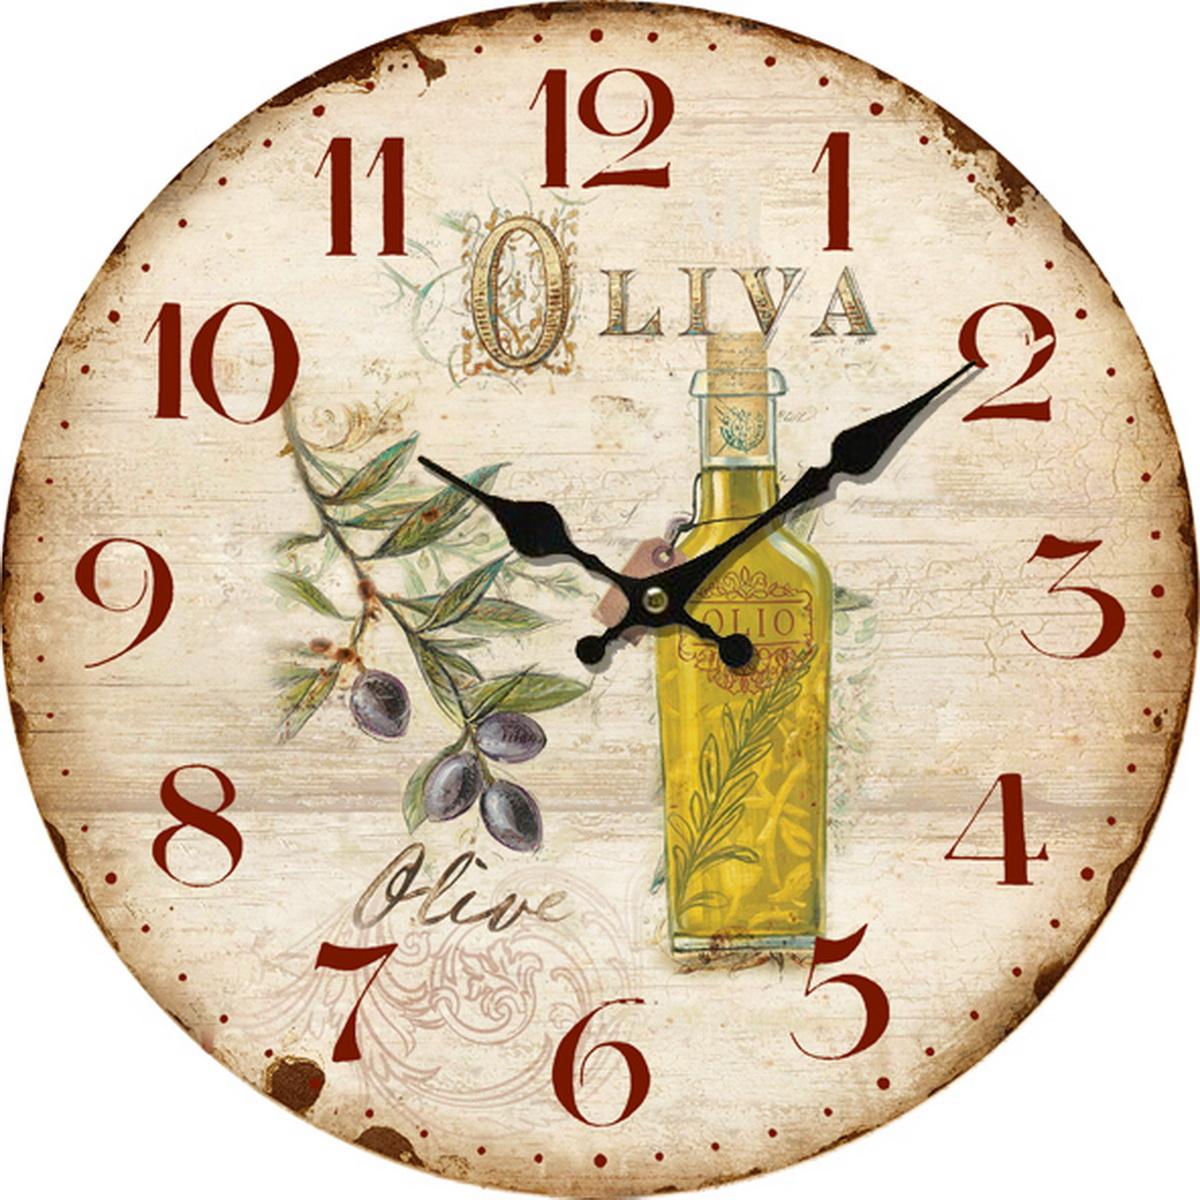 Drevené nástenné hodiny La oliva , pr. 34 cm